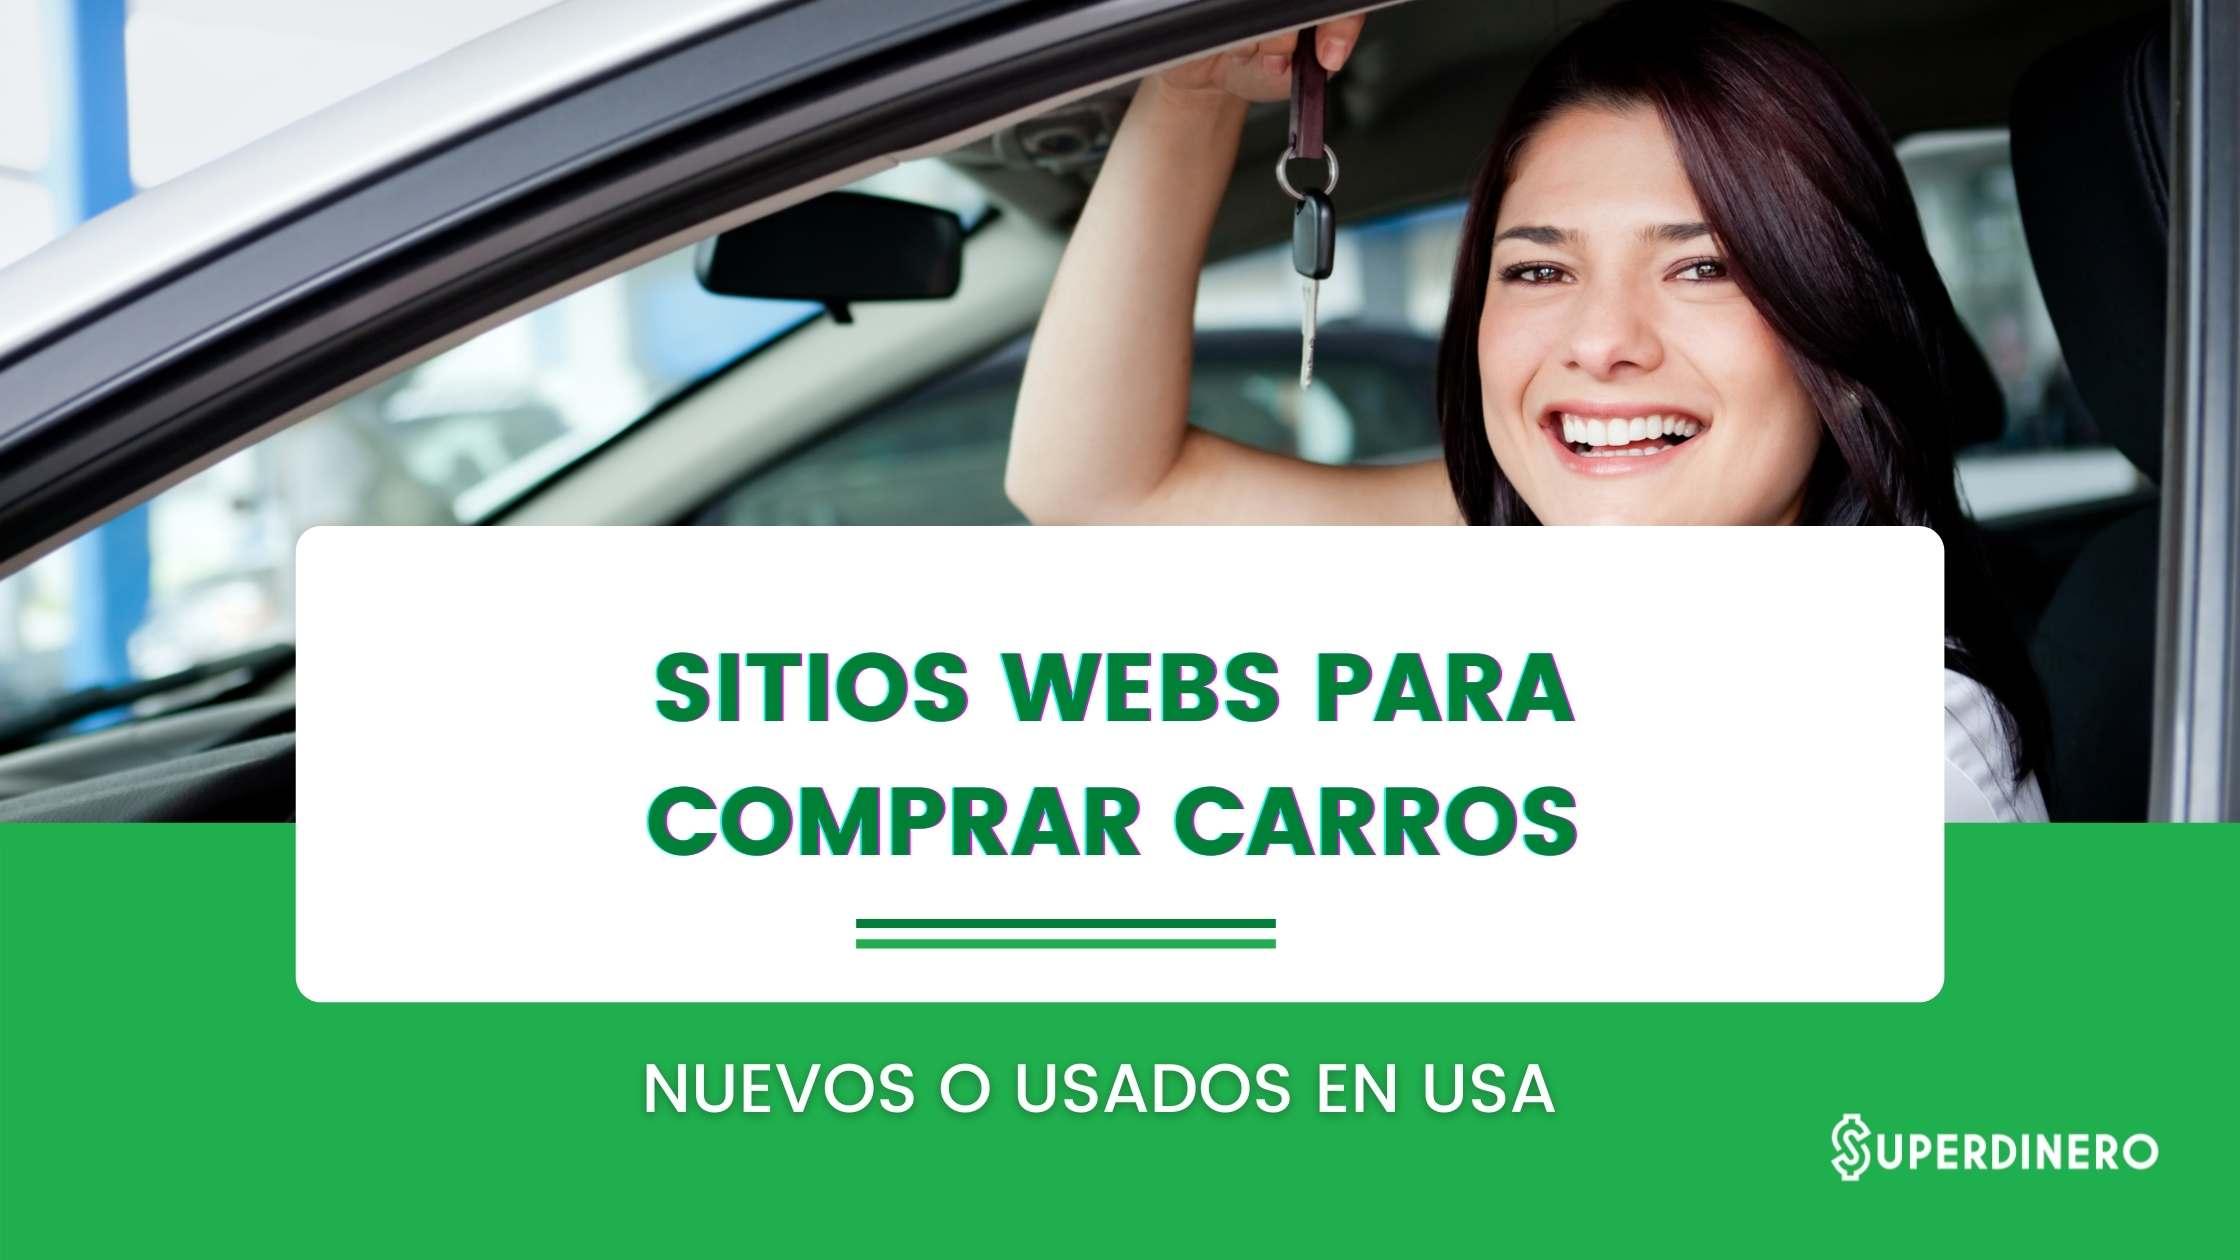 12 mejores páginas para comprar carros en venta usados y nuevos en USA